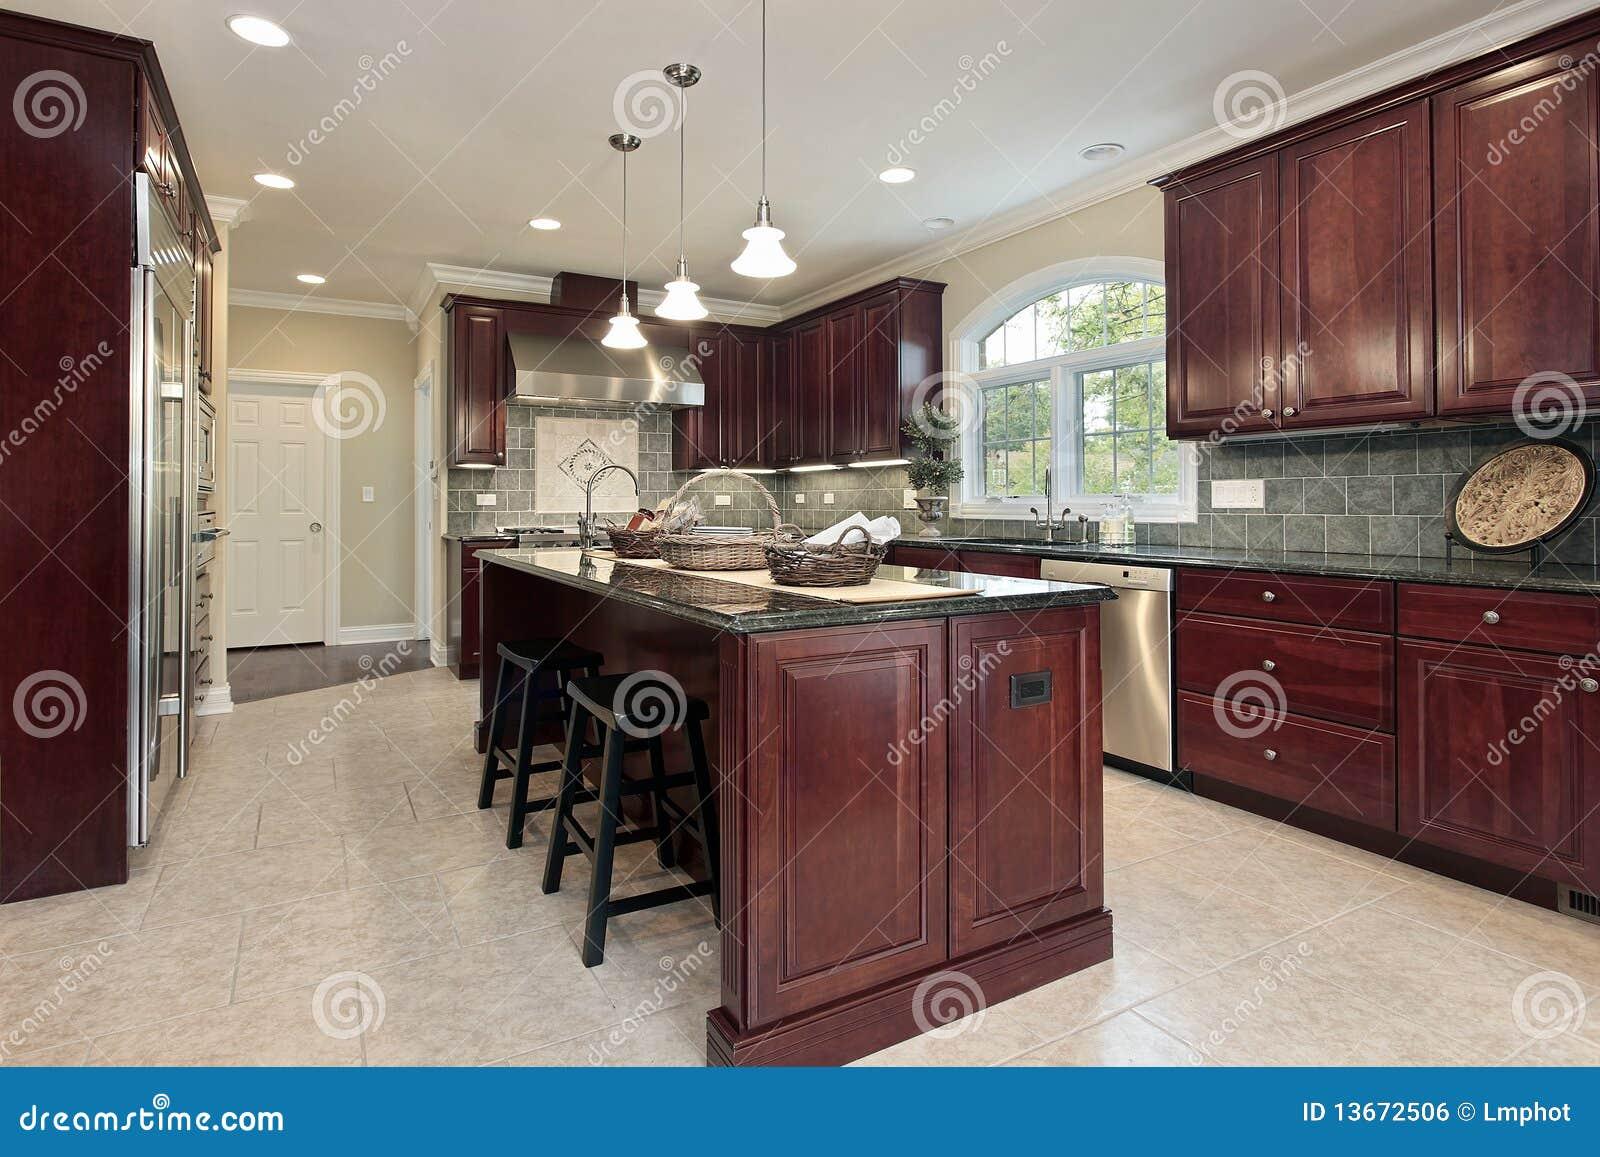 Landhausküche Gebraucht | Jtleigh.com - Hausgestaltung Ideen | {Ikea küchen landhaus gebraucht 90}